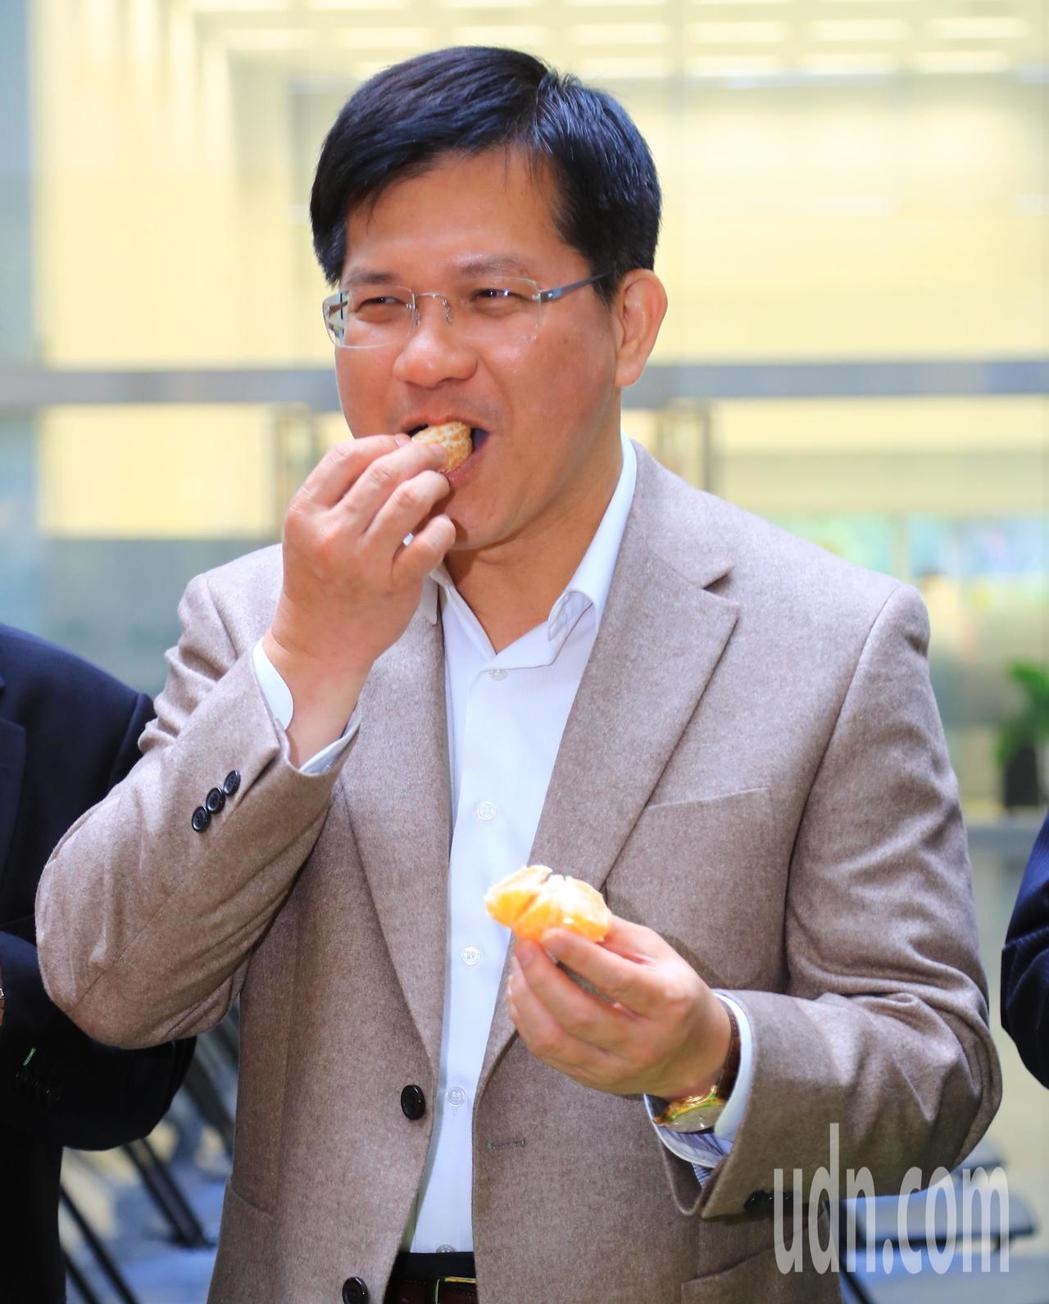 台中市採購30公噸椪柑,送給食物銀行;台中市長林佳龍今早試吃,好吃表情藏不住。記...